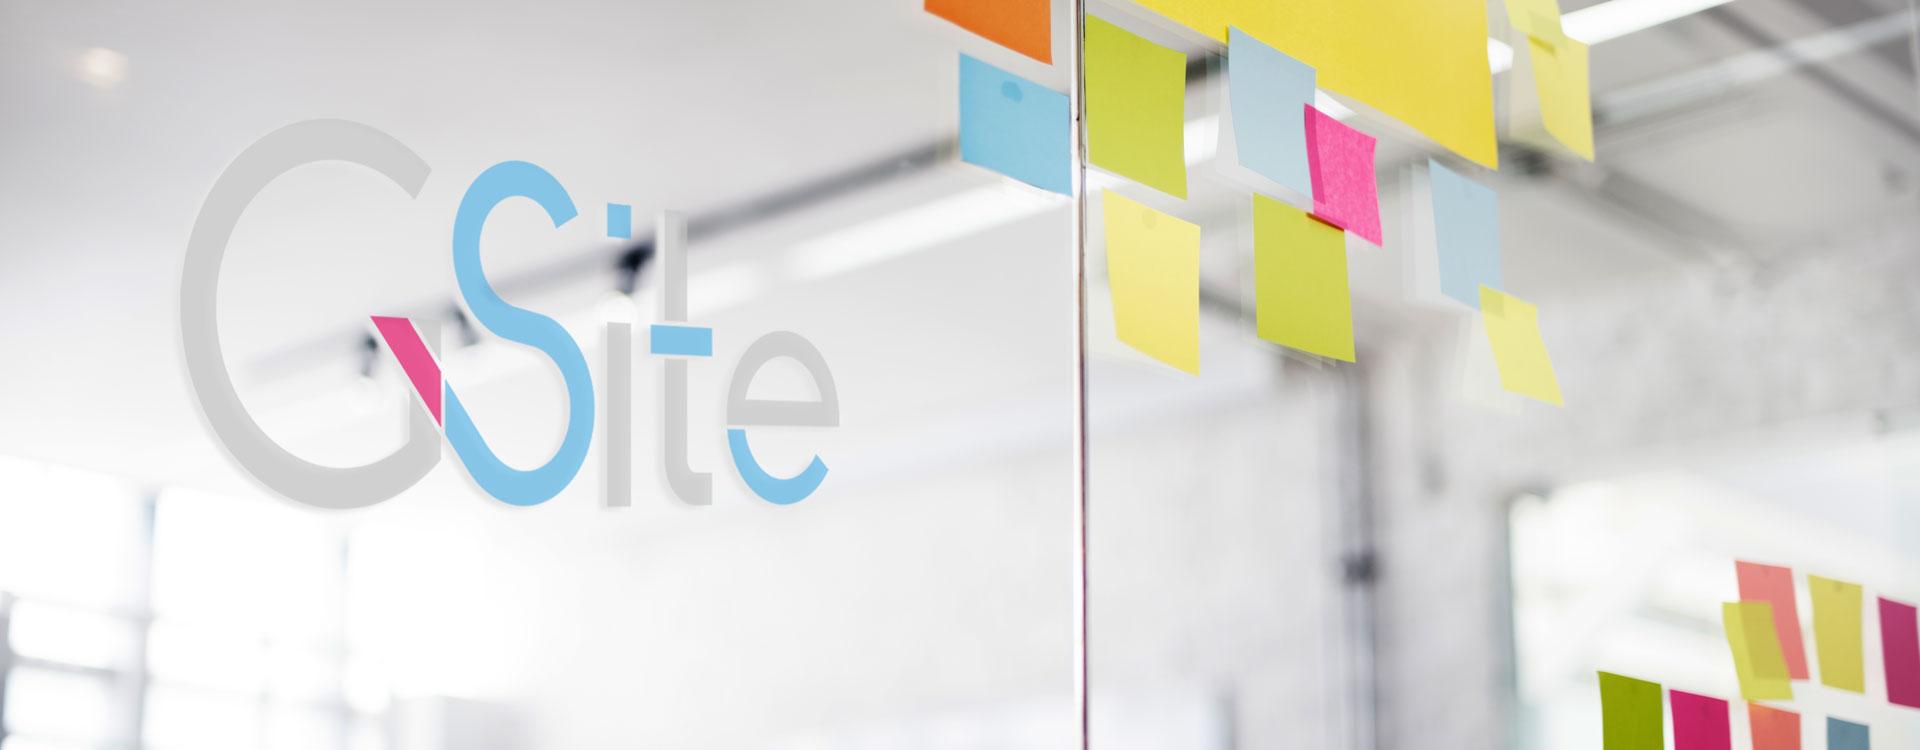 GSite agenzia web in Ticino